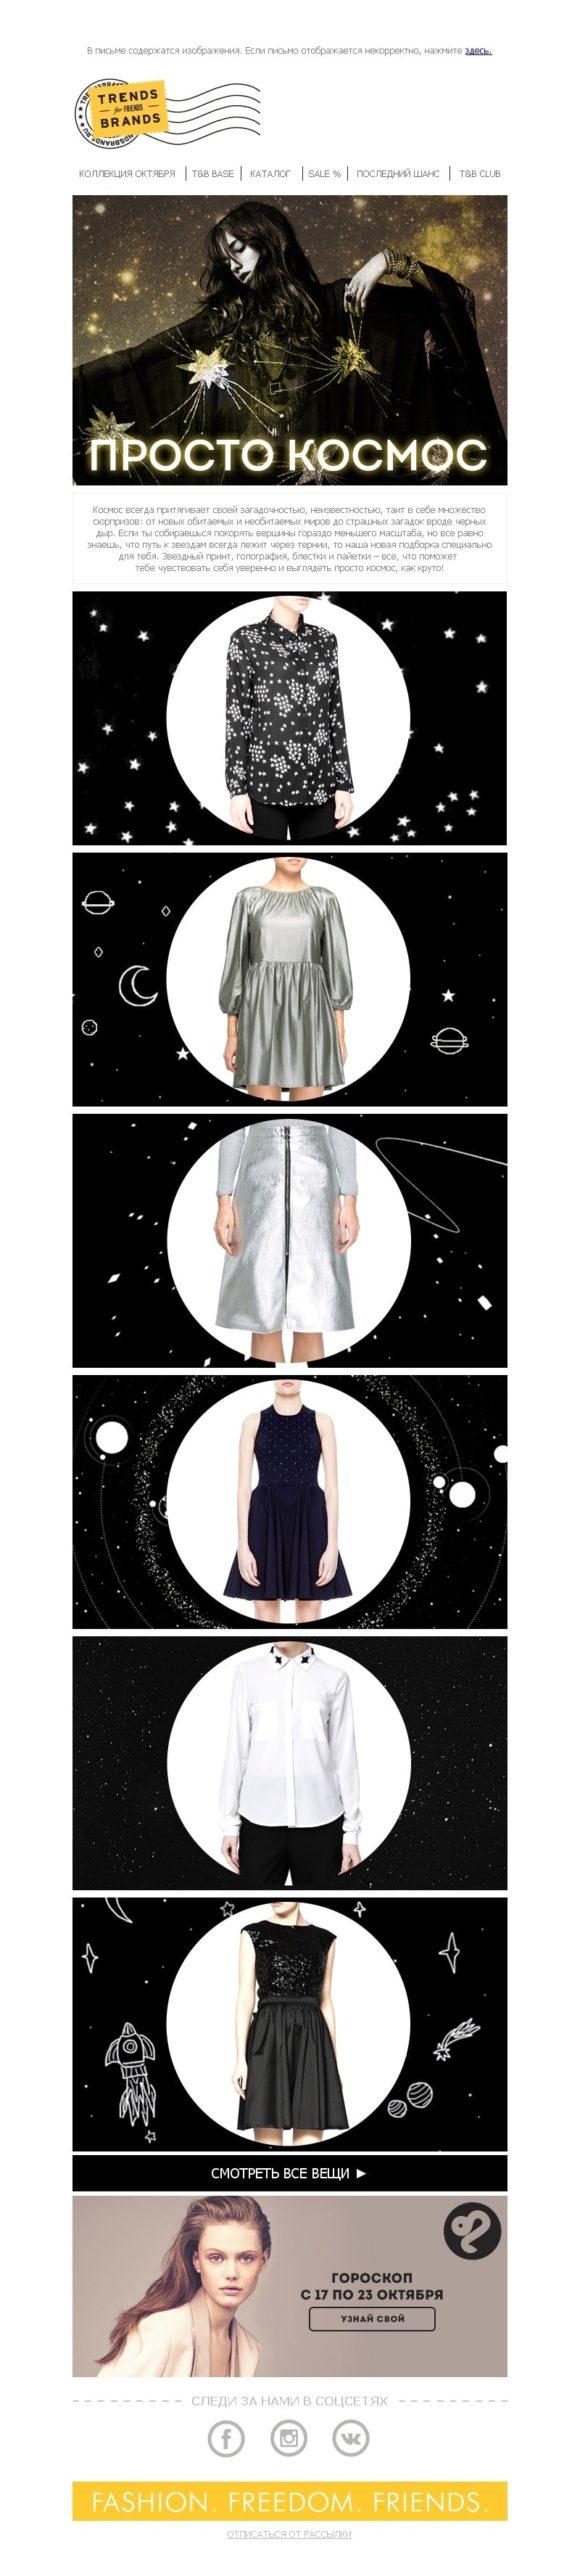 пример email рассылки по случаю дня космонавтики с подборкой женской и мужской одежды в космическом стиле